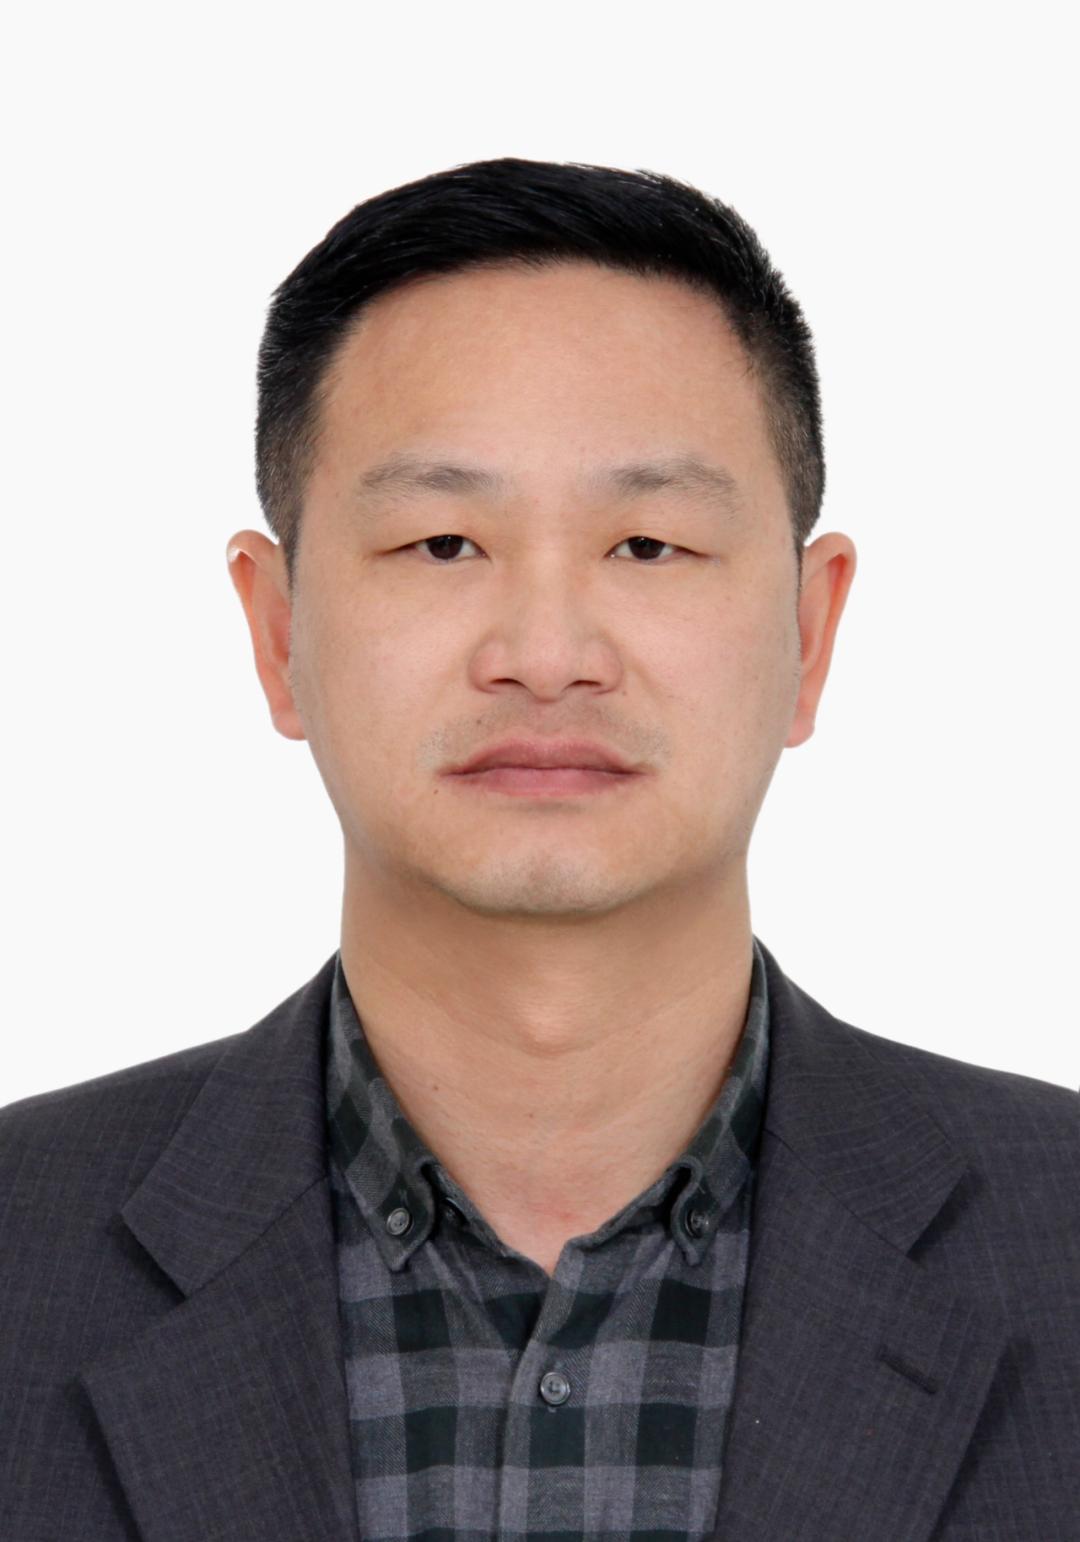 中技投公司副总经理林胜鸿赴辽宁挂职图片